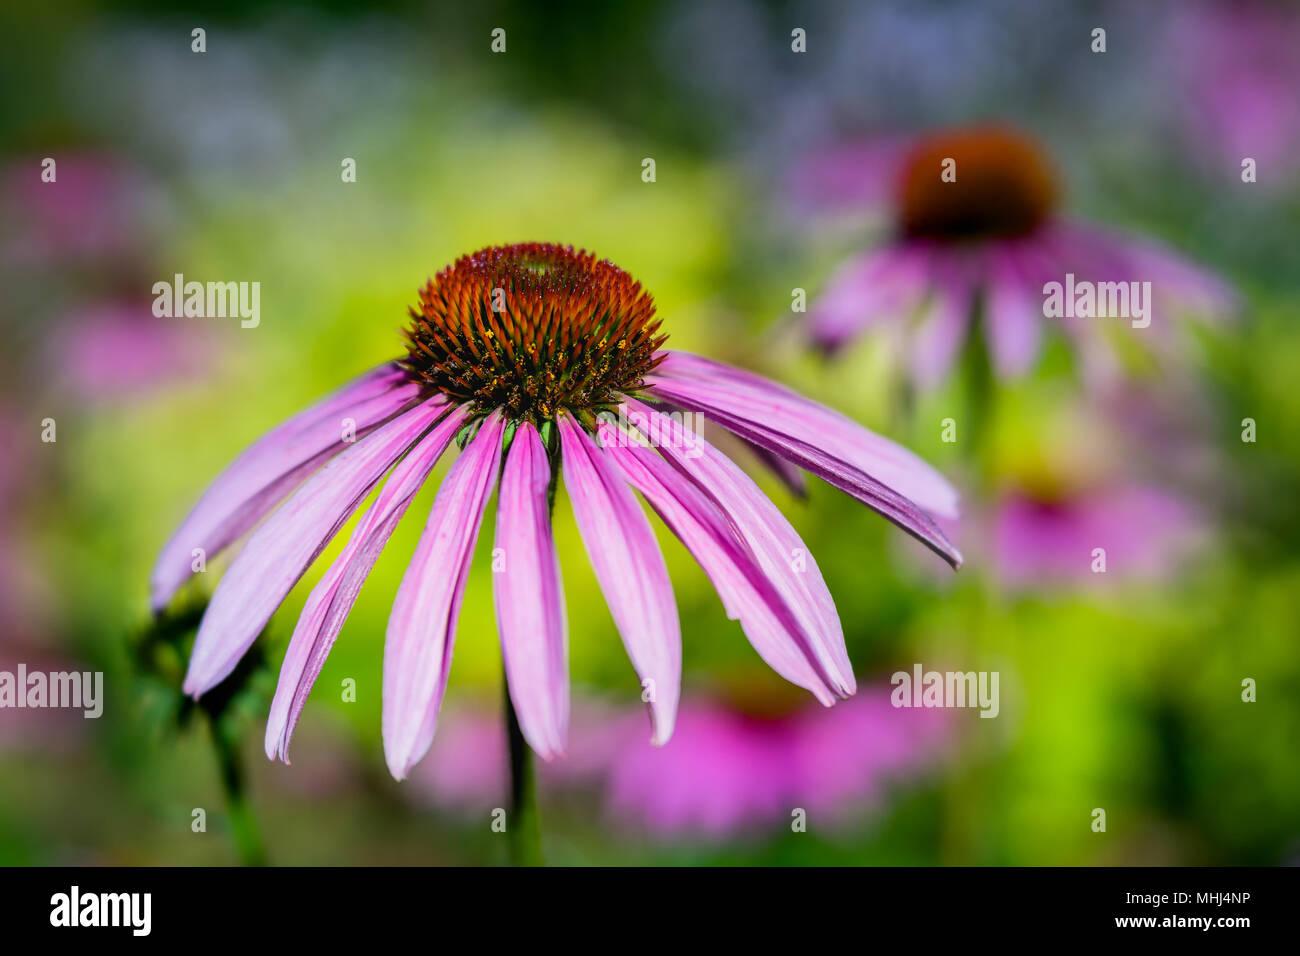 Cerca de una flor en el jardín echinecea fotografiados con un lente de especialidad para obtener la profundidad de campo y cremoso de fondo. Foto de stock